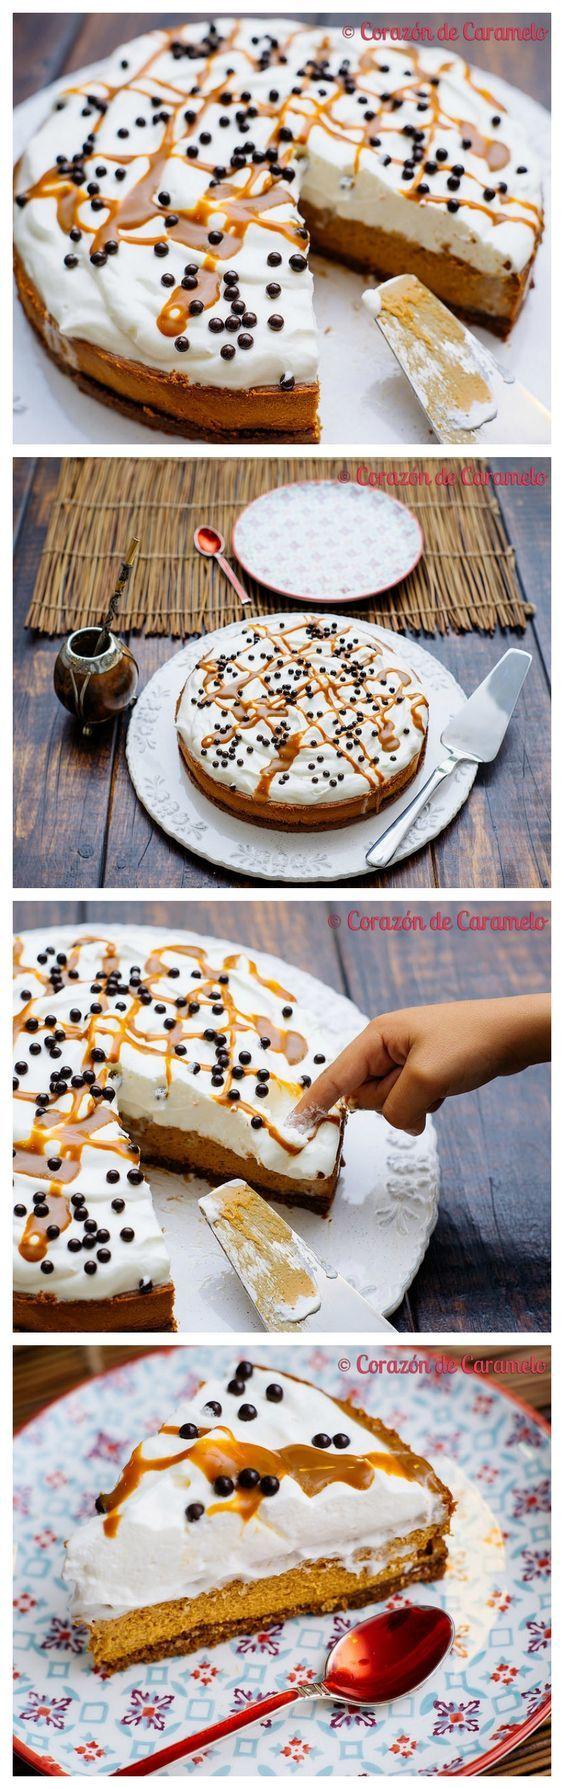 Tarta de dulce de leche - http://www.corazondecaramelo.es/